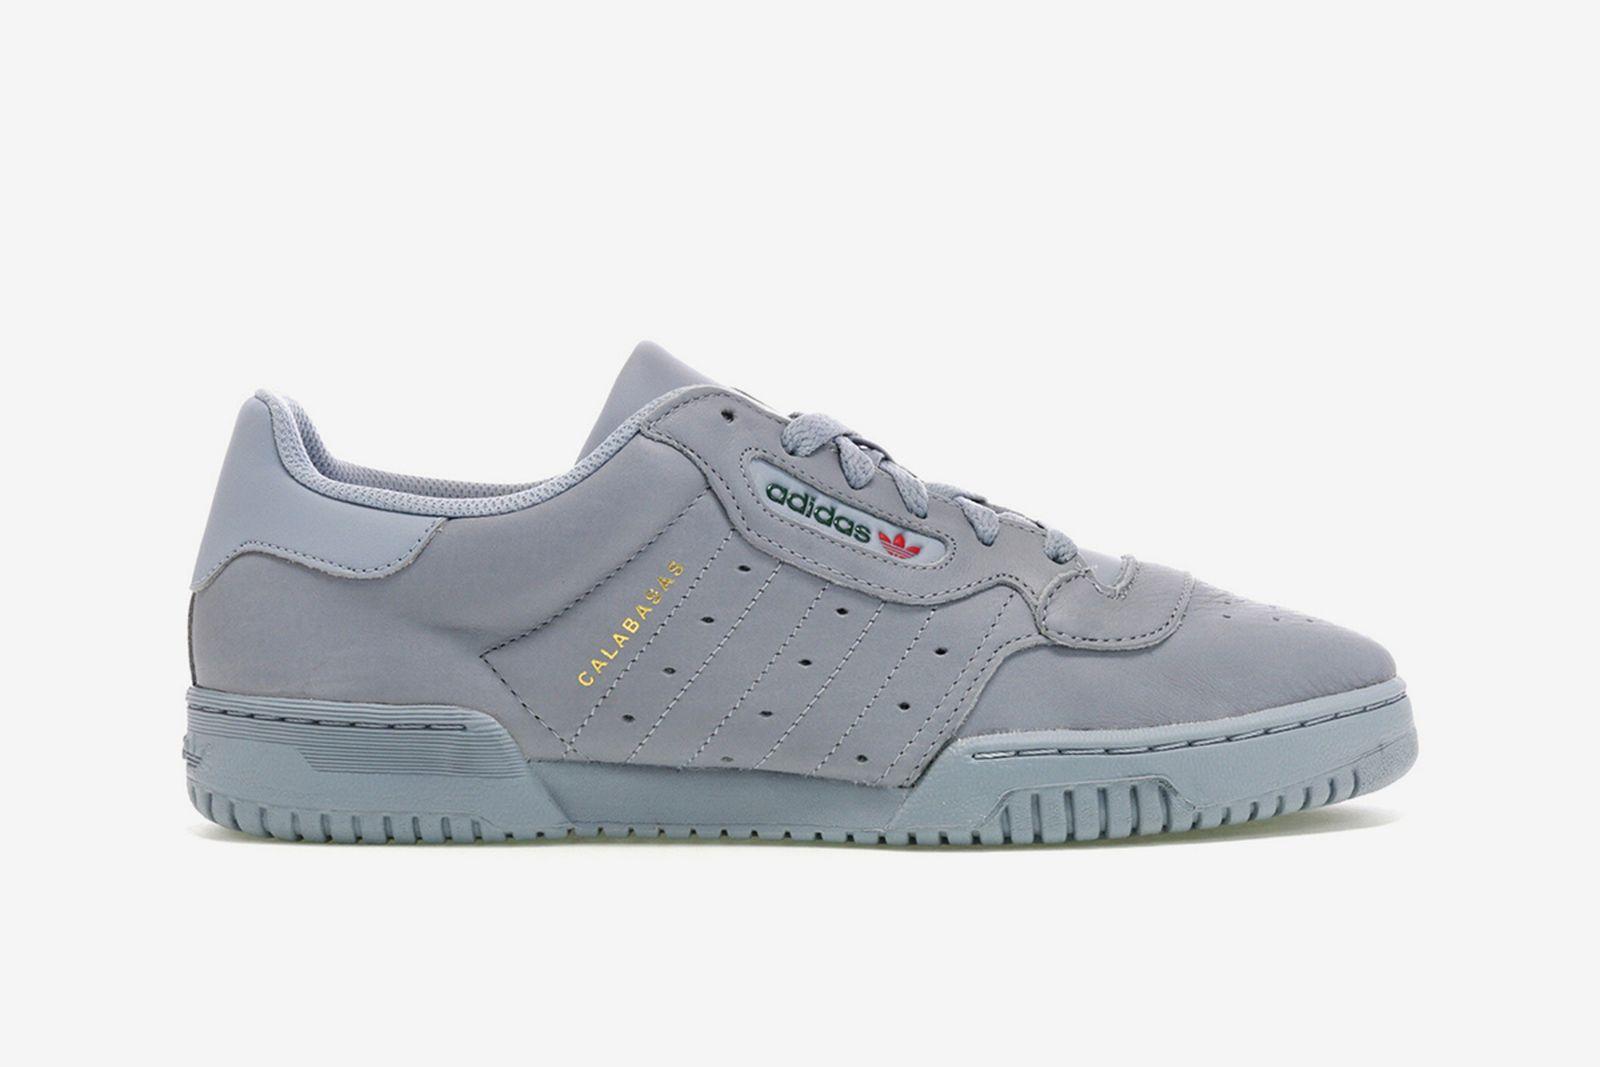 adidas yeezy guide 33 adidas Yeezy Powerphase Calabasas Grey Grailed StockX adidas Originals